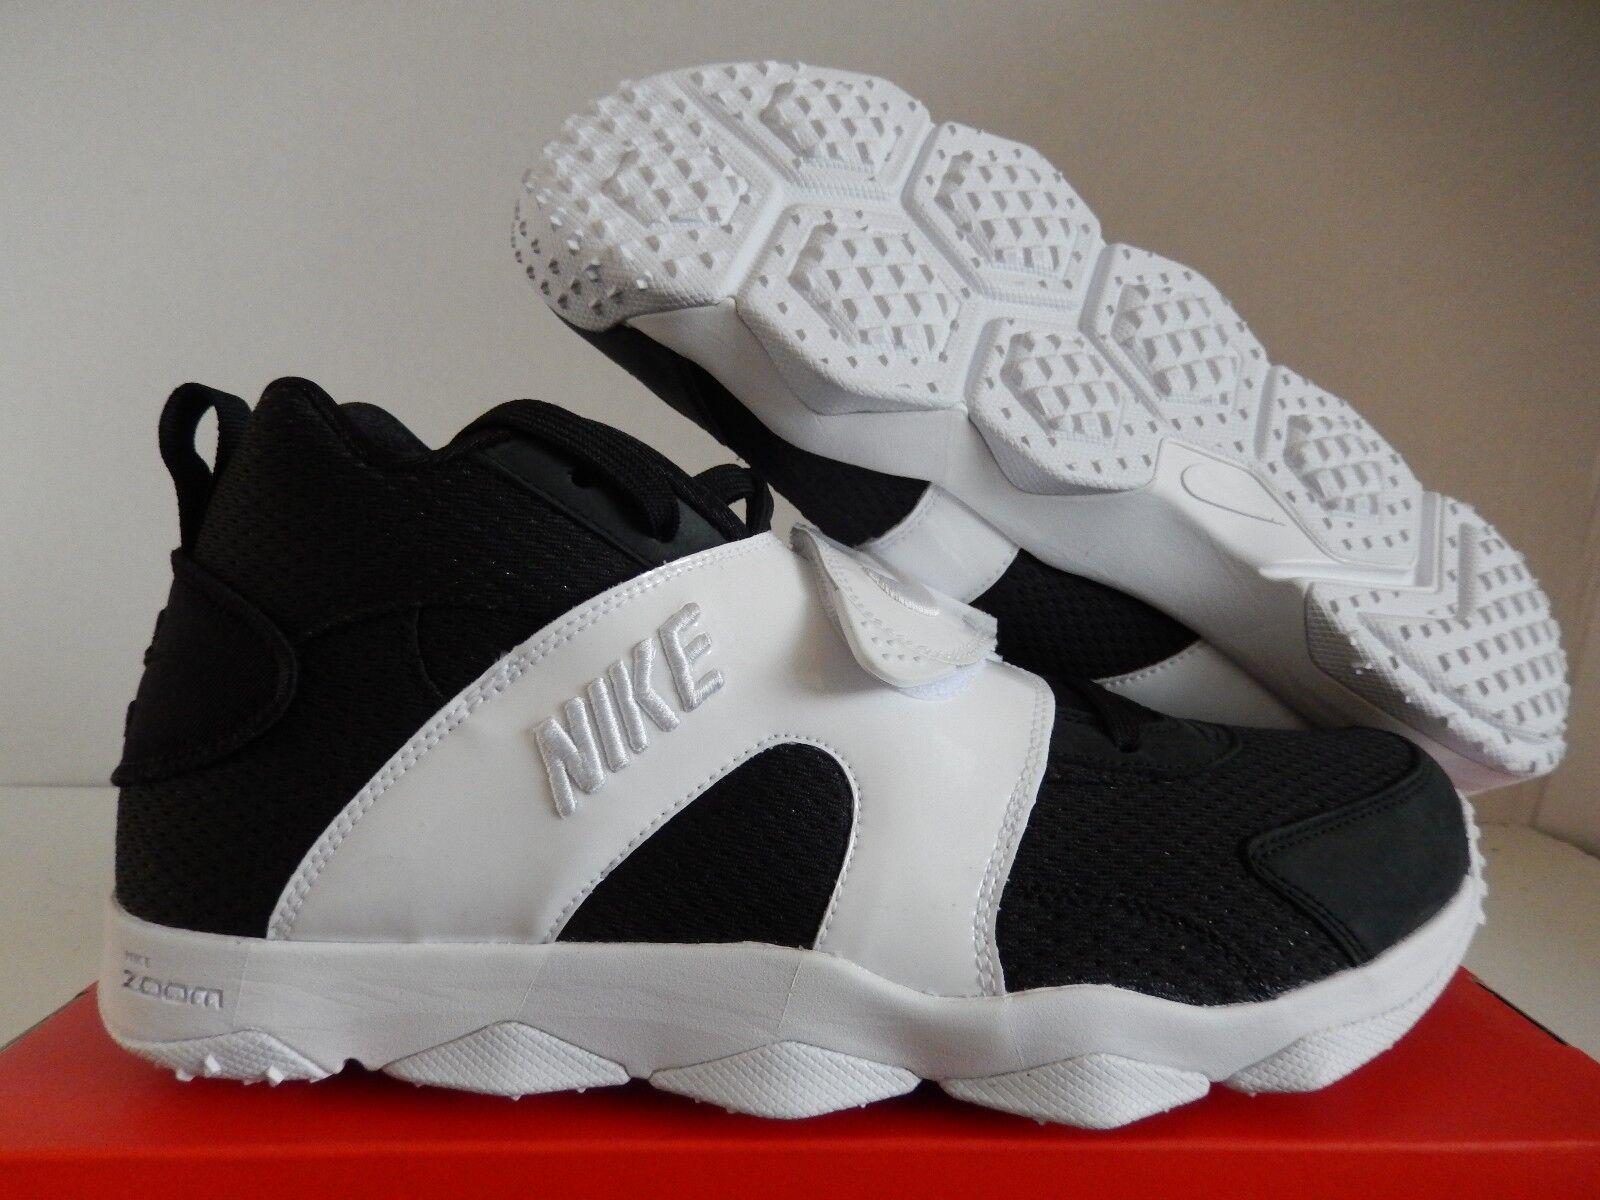 NIKE ZOOM VEER BLACK-WHITE-WHITE SZ 8 [844675-001]